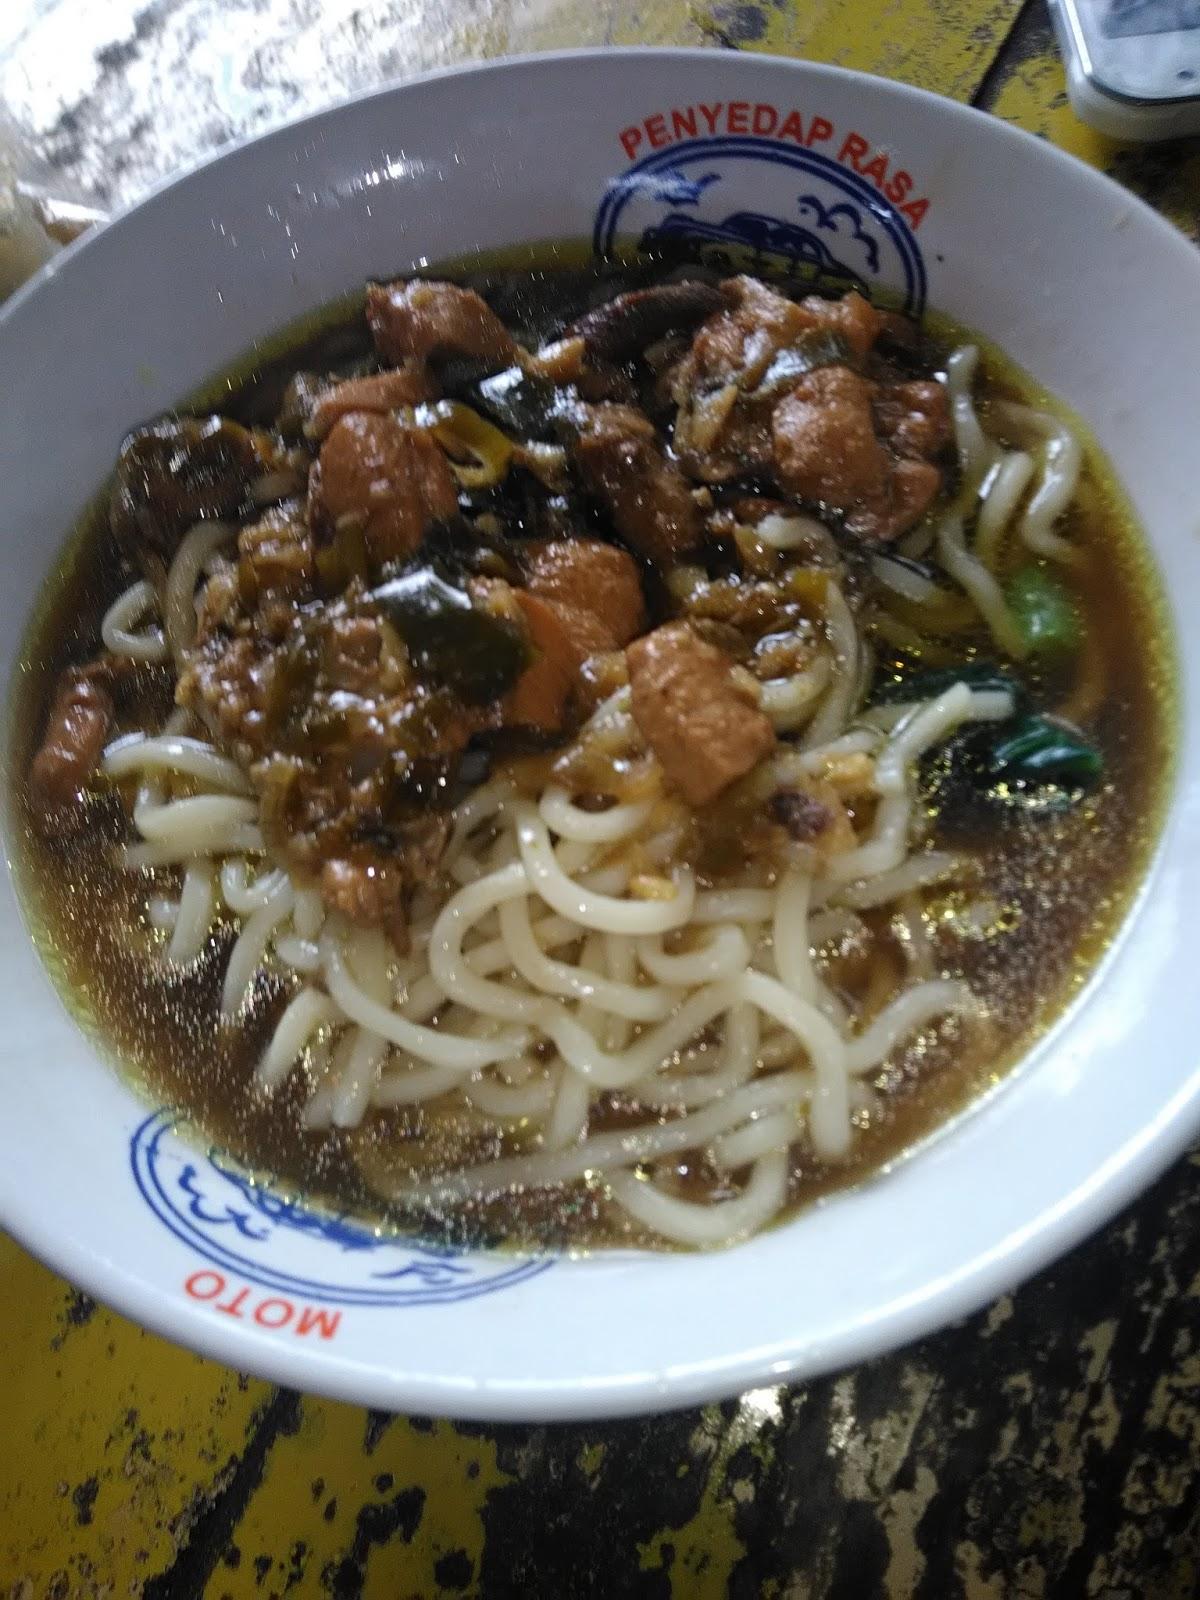 Daftar Kuliner Alternatif Caruban Madiun Yang Wajib Anda Singgahi